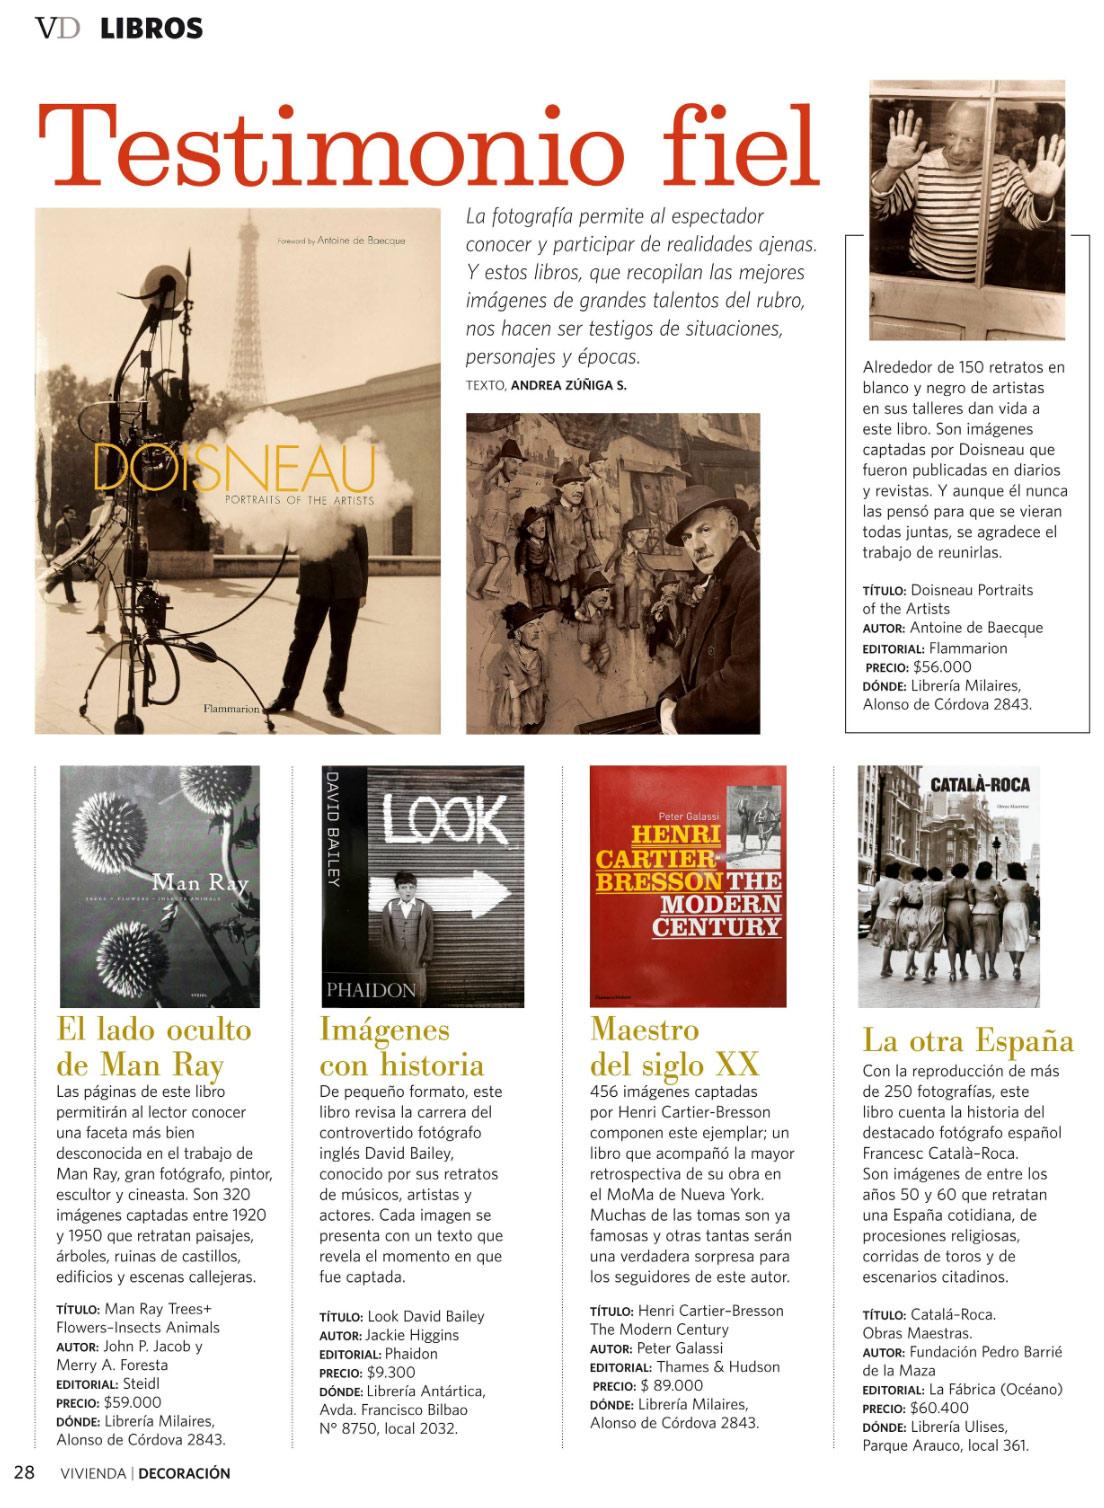 Libros en Revista VD el mercurio, 31-07-2010 - MilAires, Boutique del Libro.